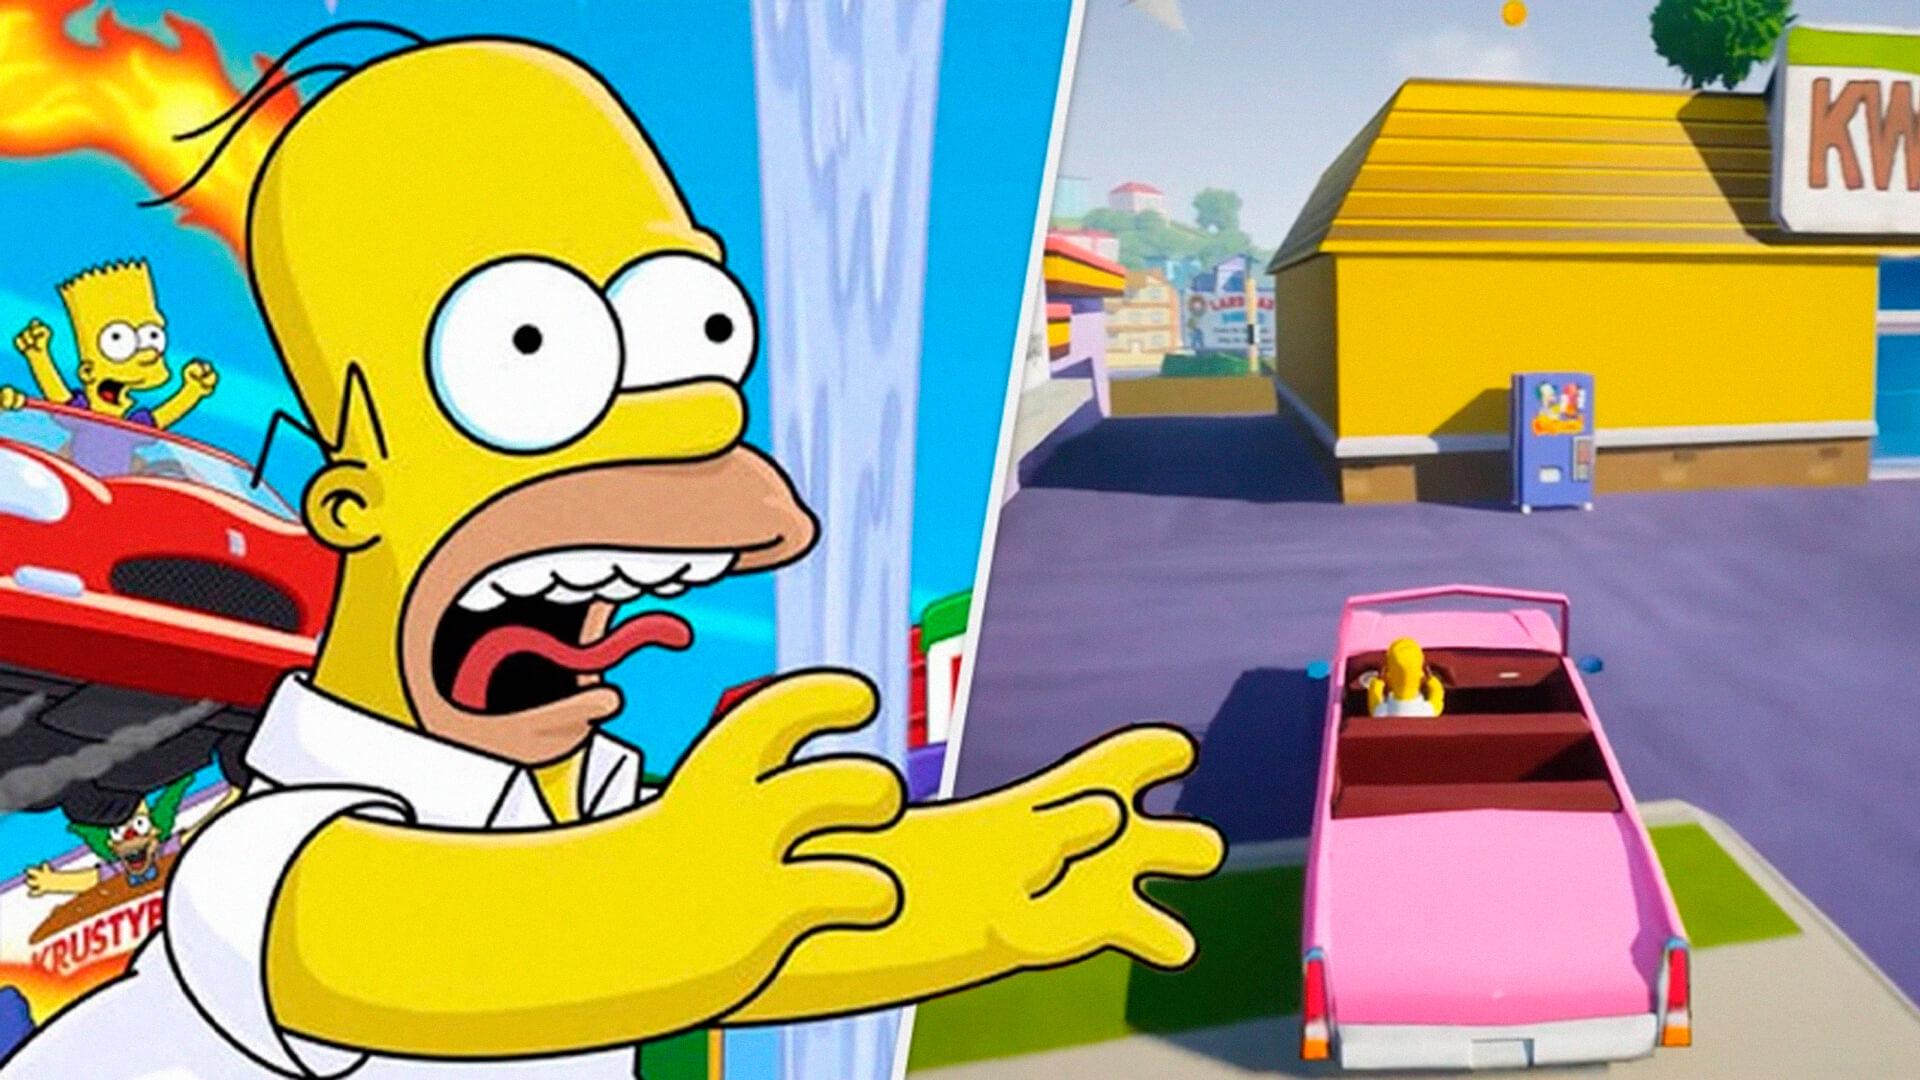 The Simpsons: Hit & Run, conhecido no Brasil como GTA dos Simpsons foi recriado por um fã na Unreal Engine 5 em apenas uma semana.